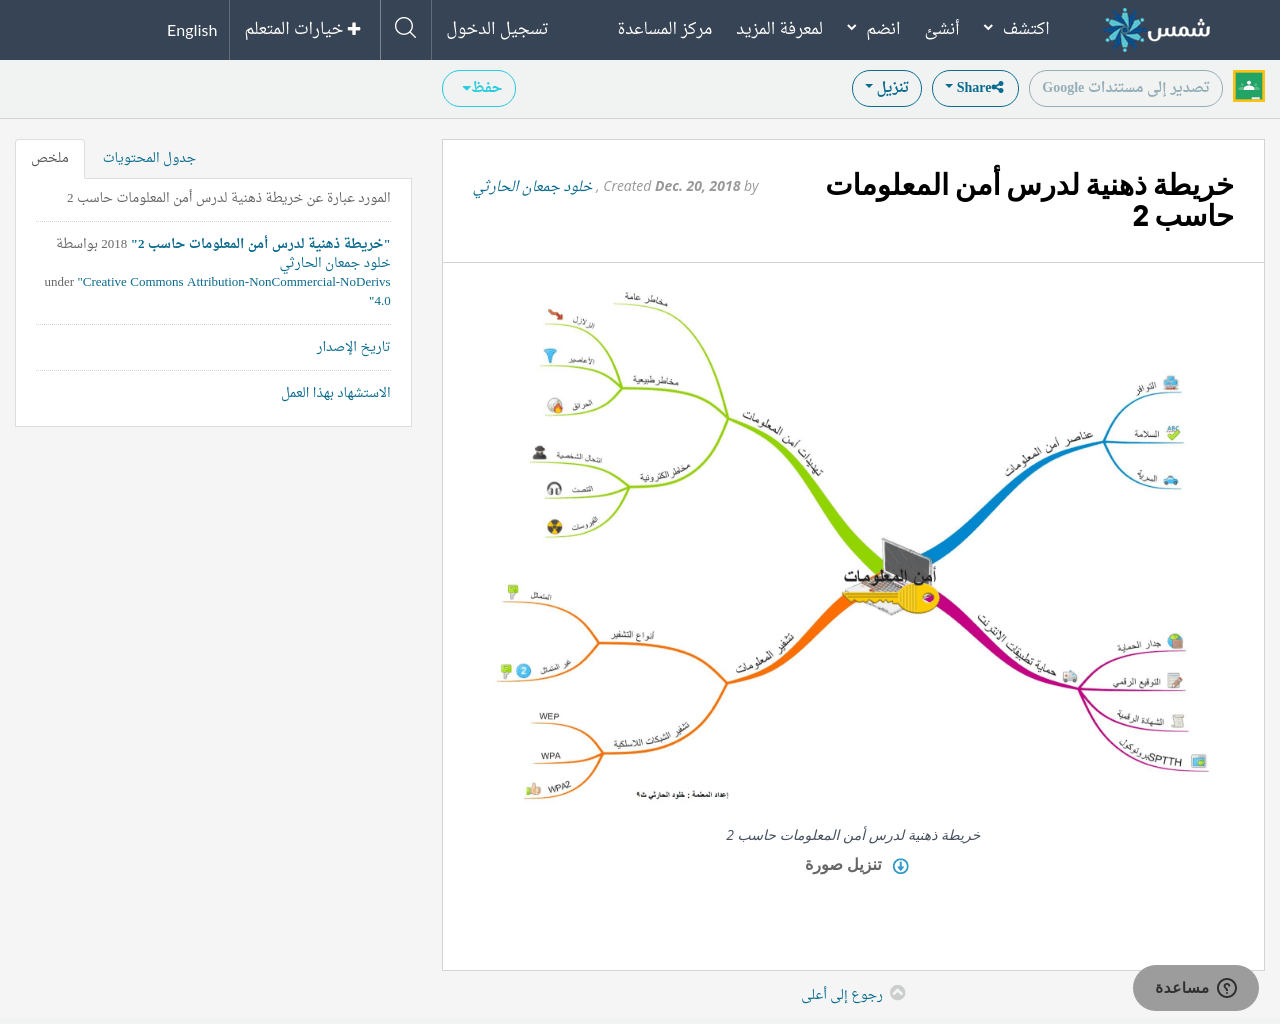 خريطة ذهنية لدرس أمن المعلومات حاسب 2 Shms Saudi Oer Network